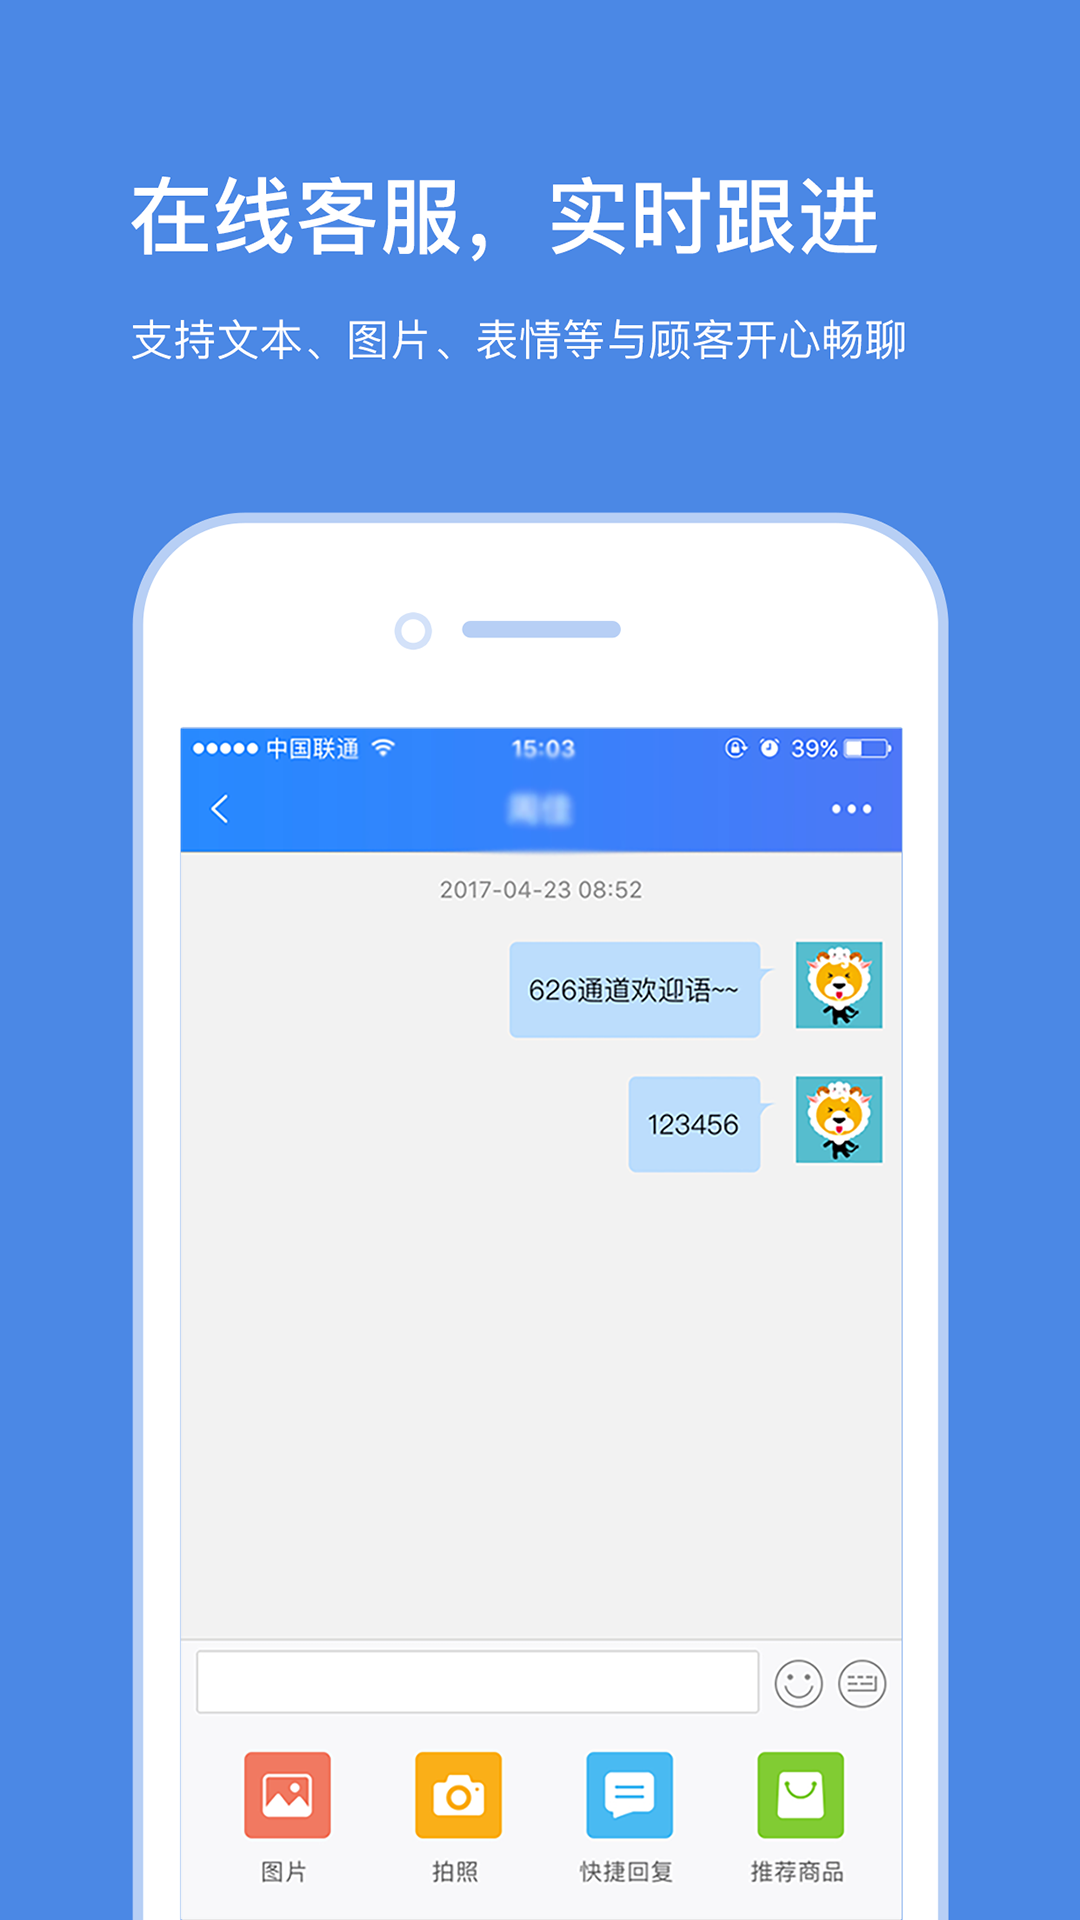 苏宁云台助手手机版|云台助手 V5.1.4 安卓版 下载图 3